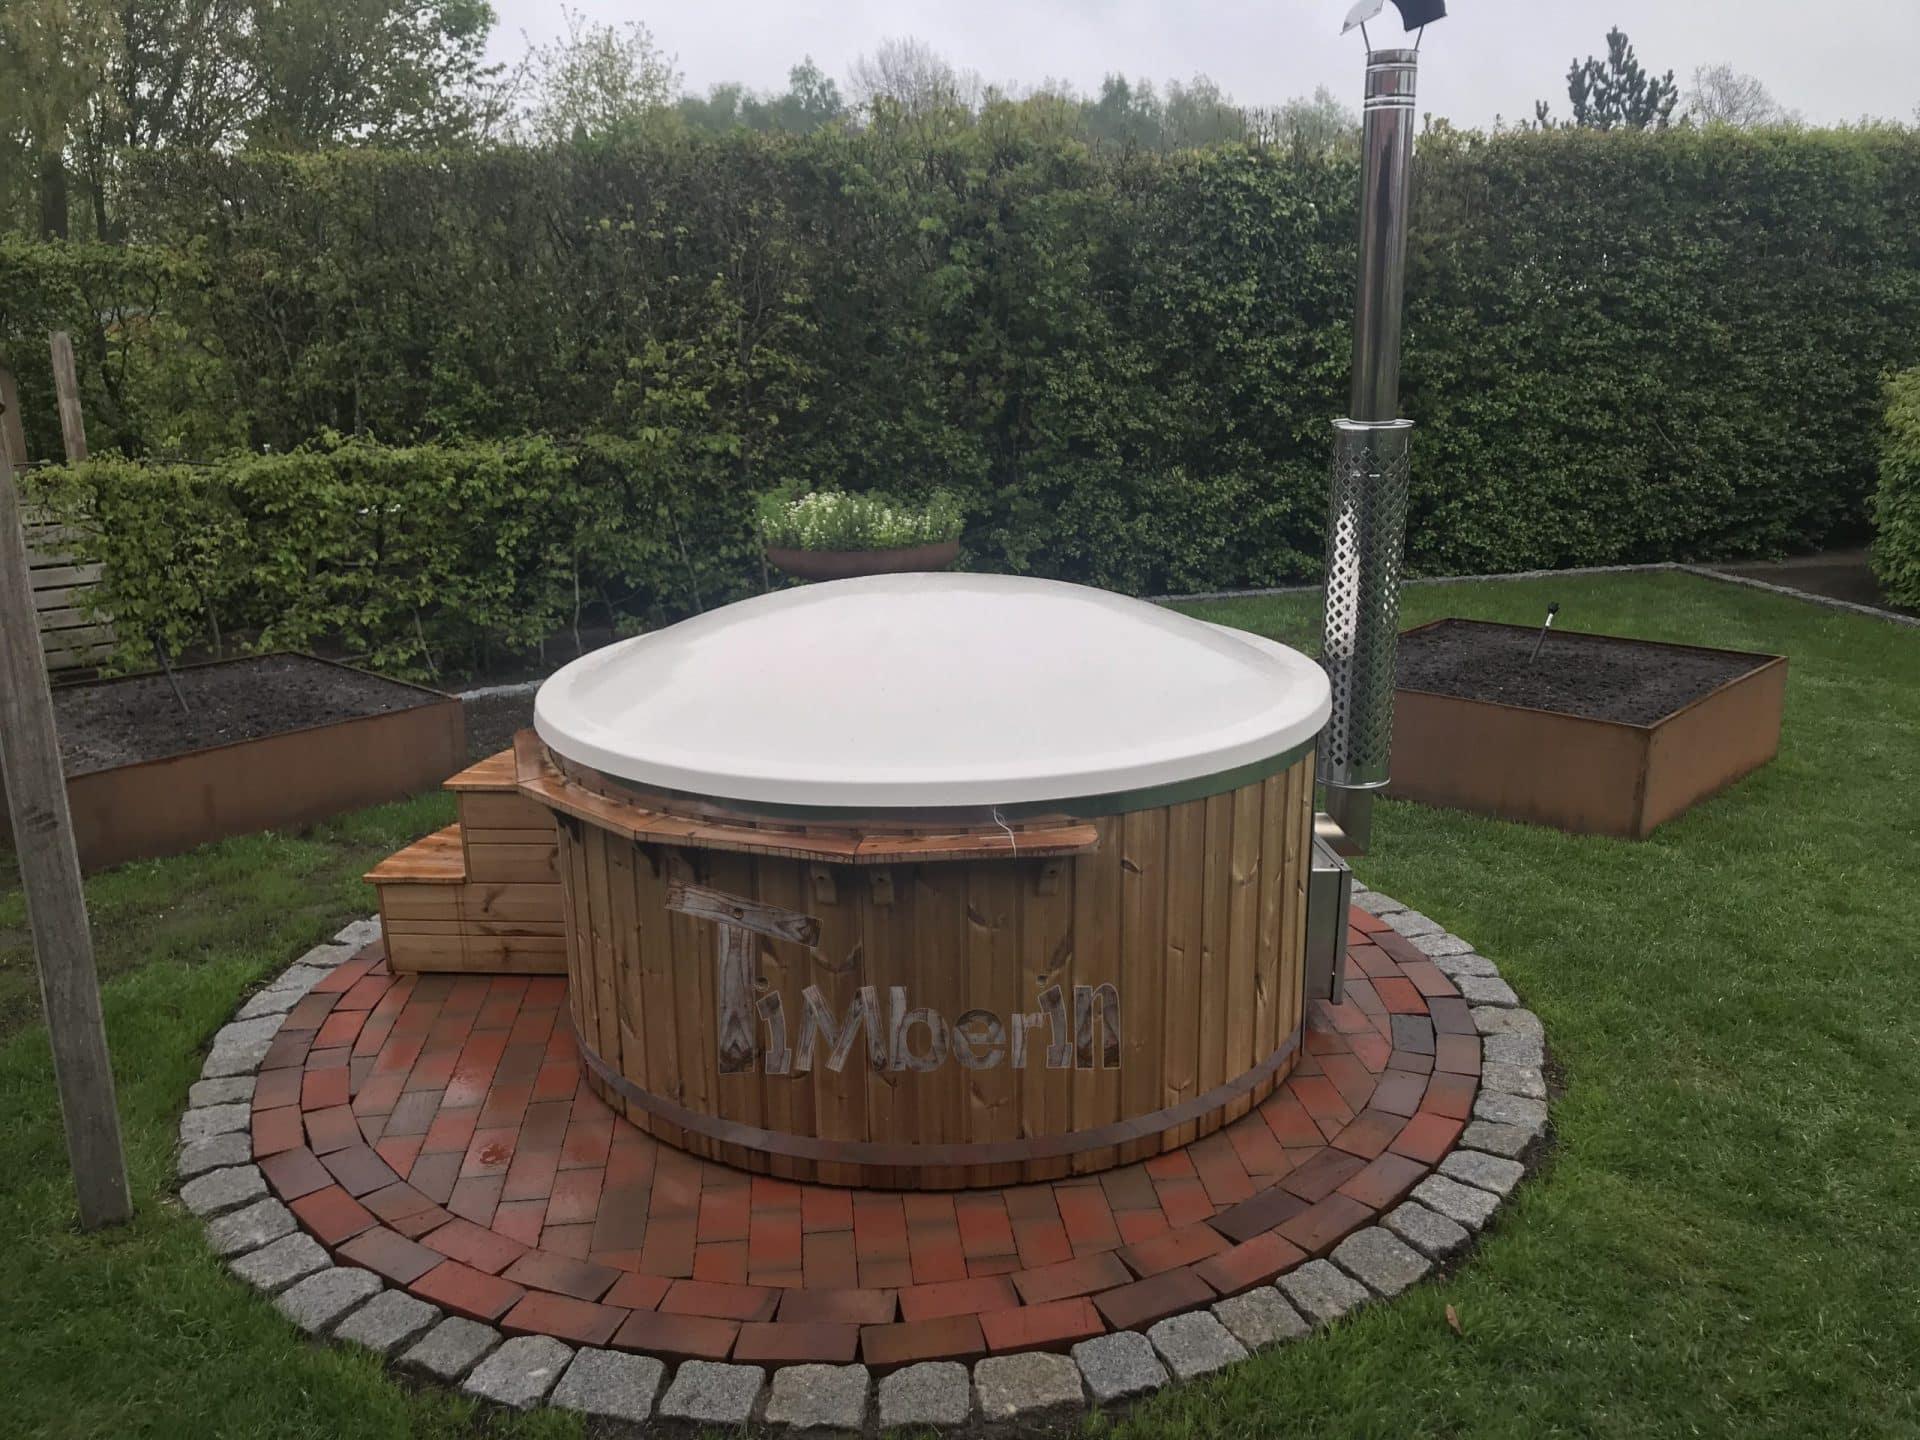 Badefass-gfk-mit-Whirlpool-Wellness-Royal-Thomas-Rhauderfehn-Deutschland-3-scaled Bewertungen - Erfahrung TimberIN